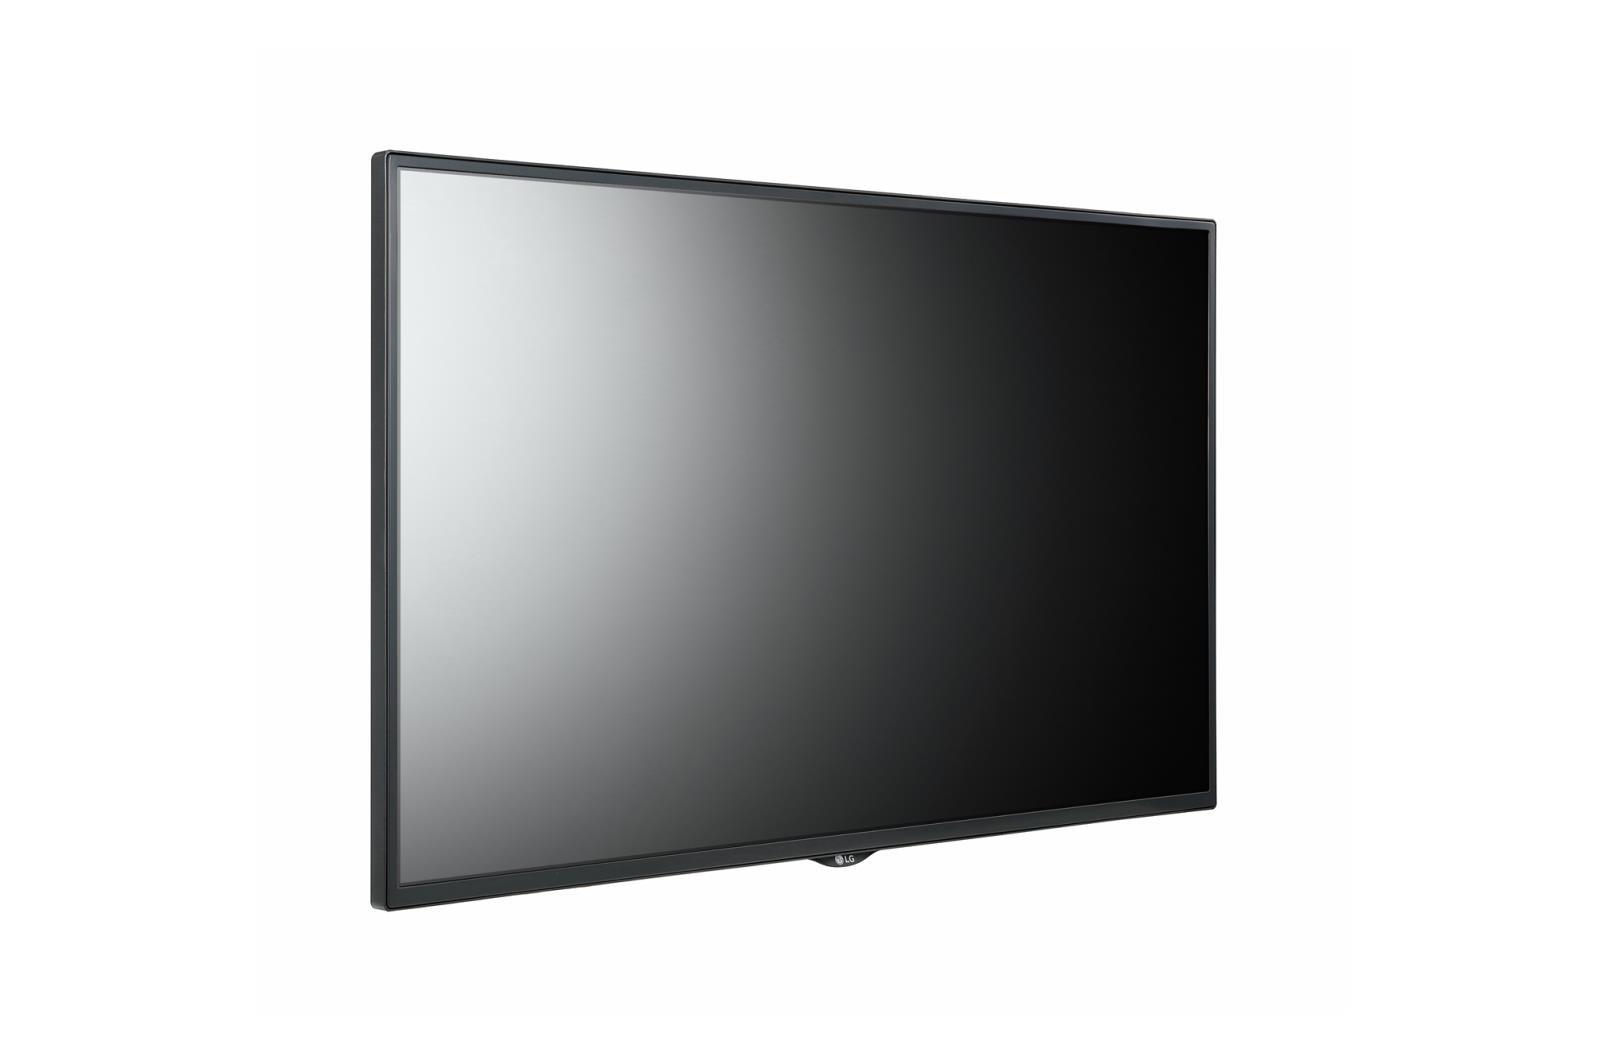 LG 43SM5KE (43 inch) Commercial TV 1920 x 1080 FHD 450 cd/m2 (Black)